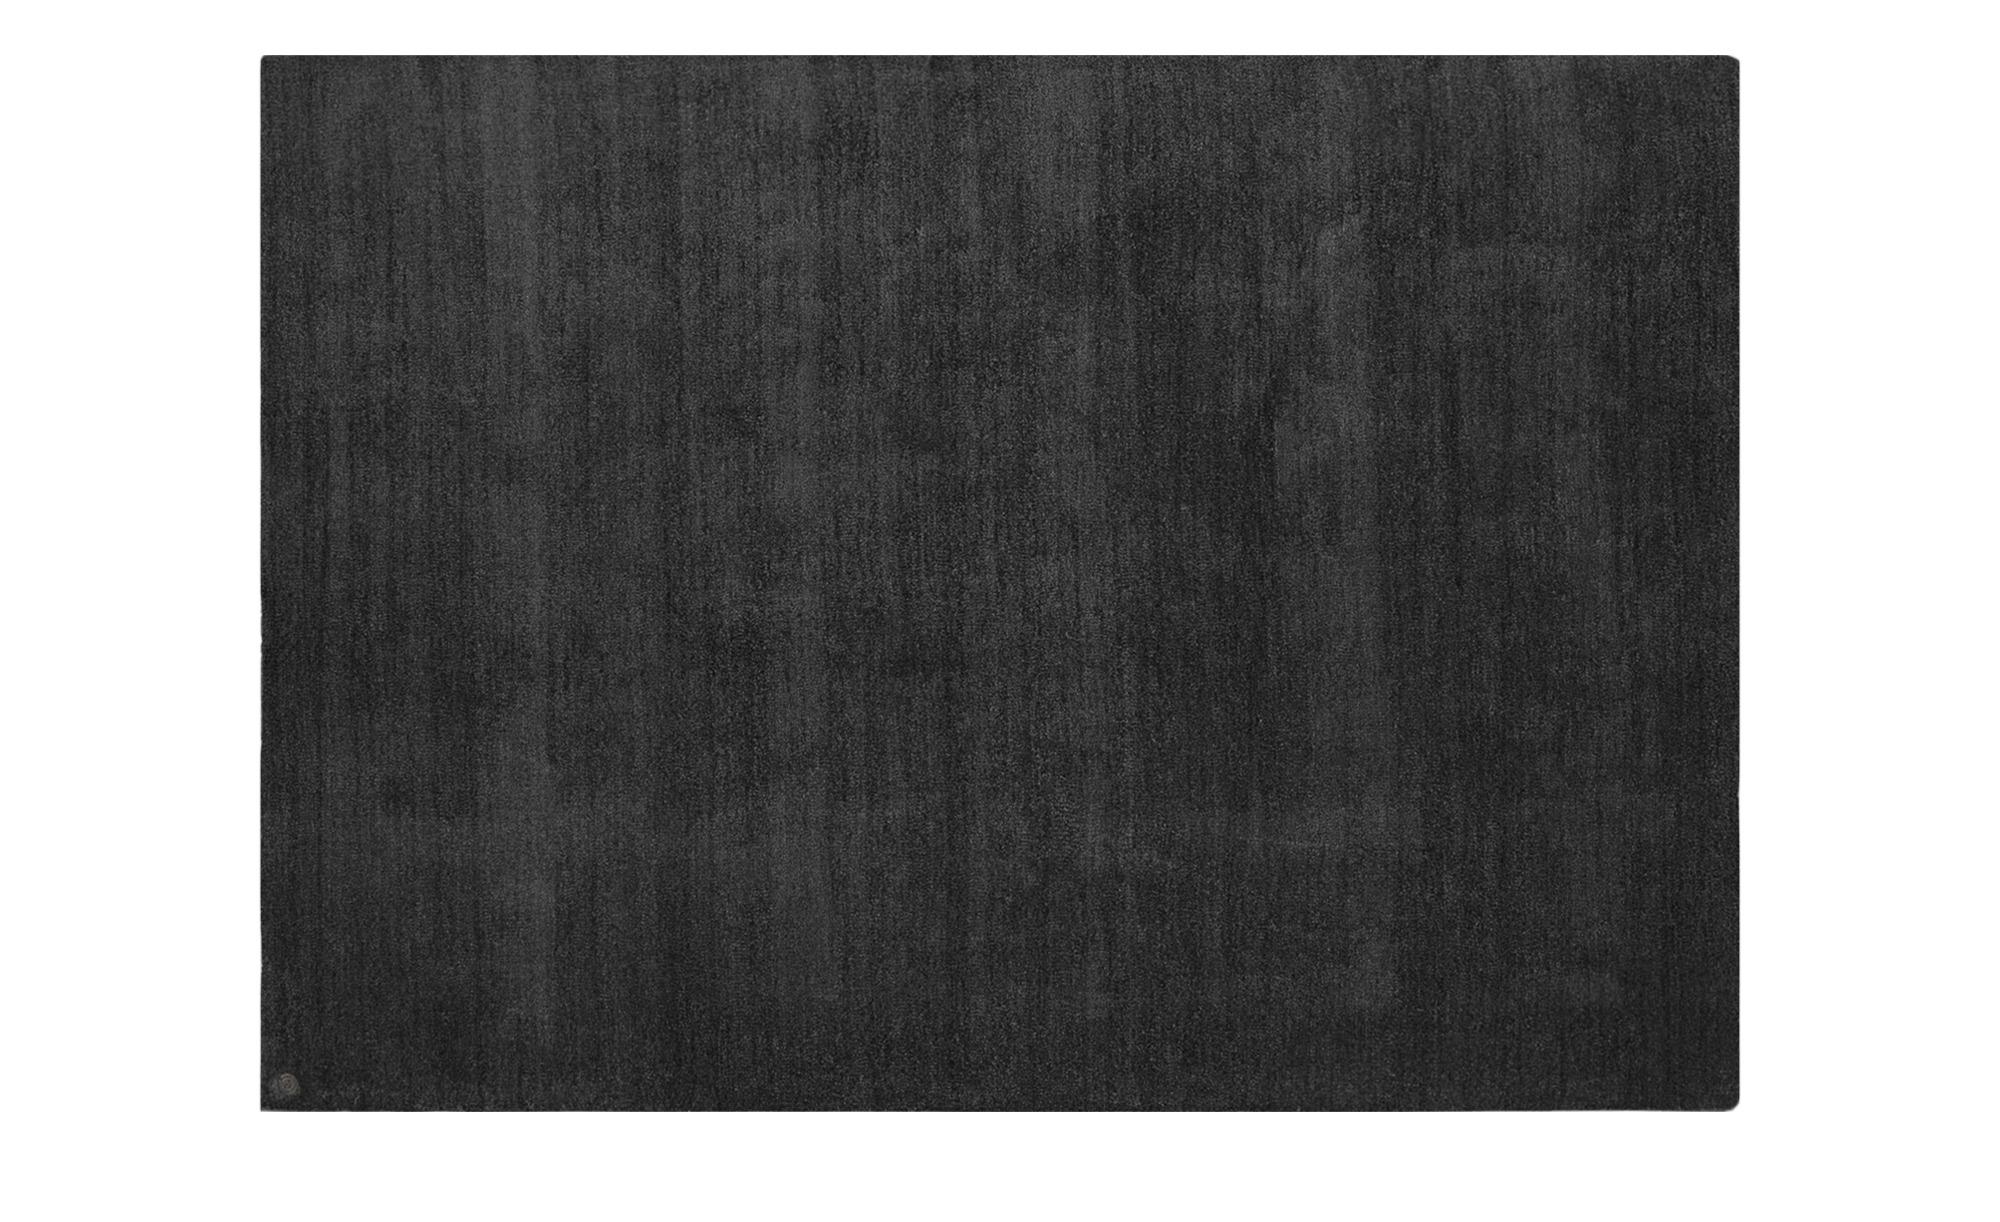 tom tailor handtuft teppich powder breite 65 cm h he schwarz online kaufen bei woonio. Black Bedroom Furniture Sets. Home Design Ideas